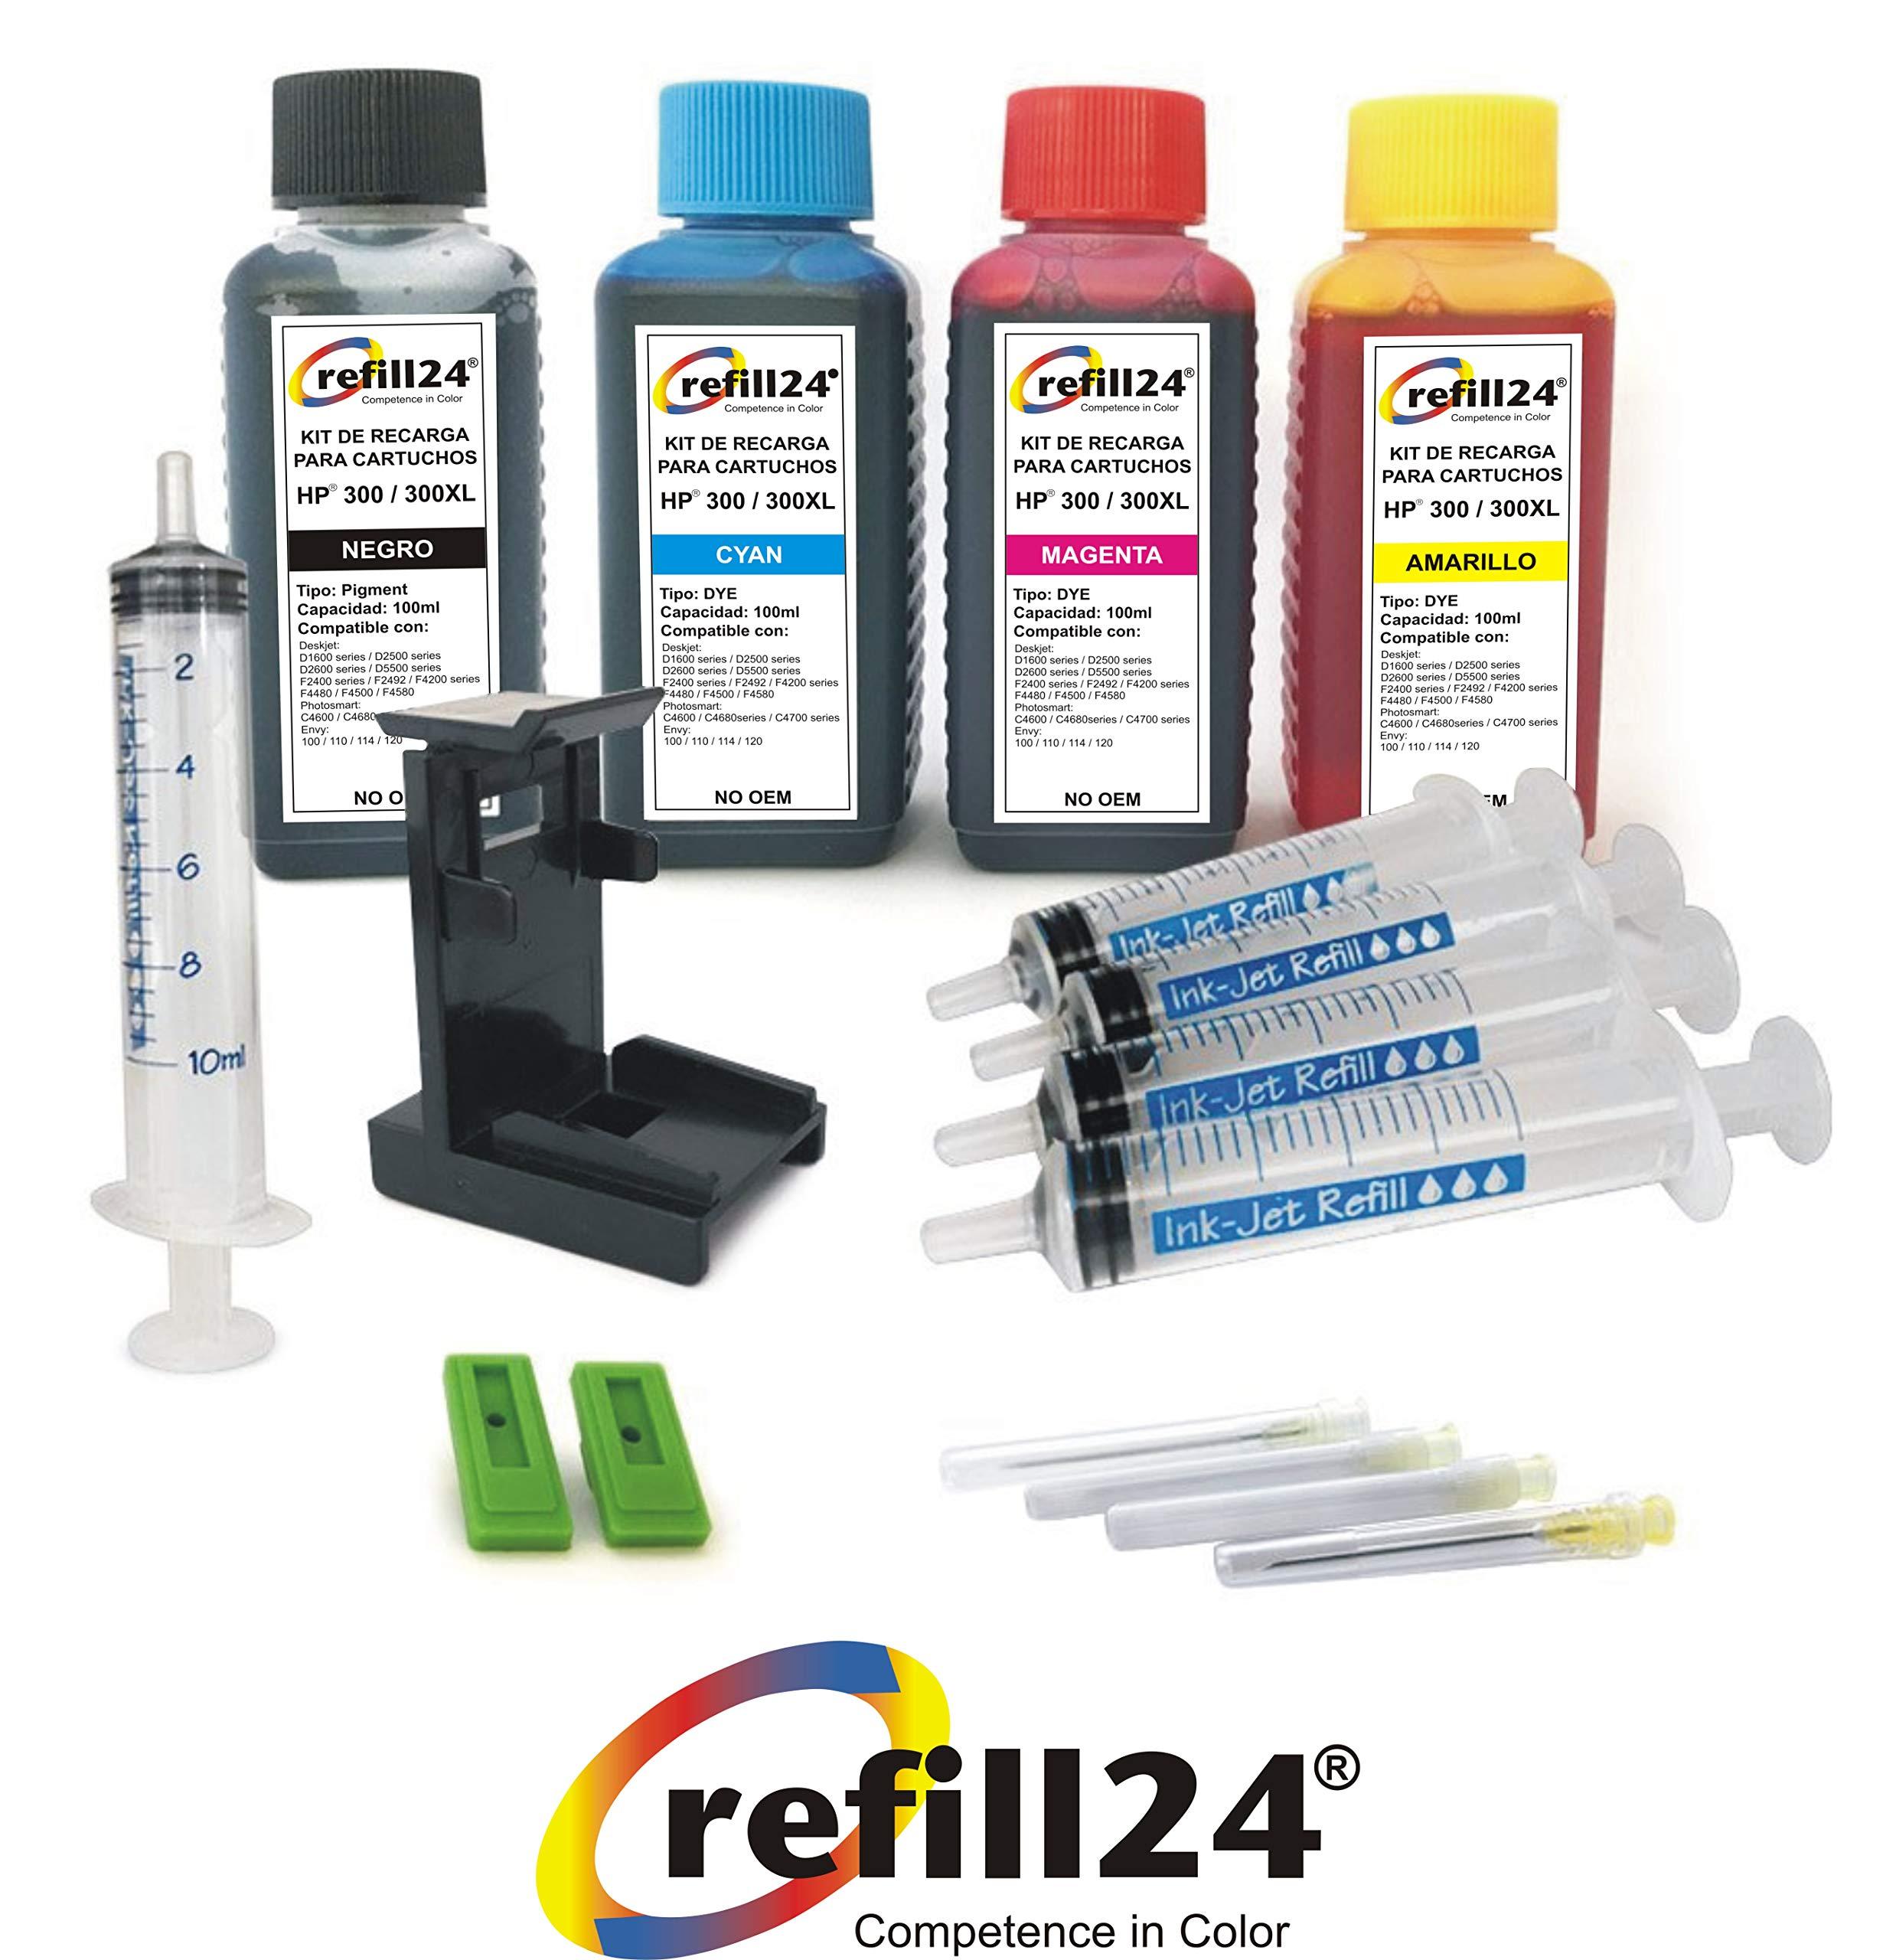 Kit de Recarga para Cartuchos de Tinta HP 300, 300 XL Negro y Color, Incluye Clip y Accesorios + 400 ML Tinta: Amazon.es: Electrónica